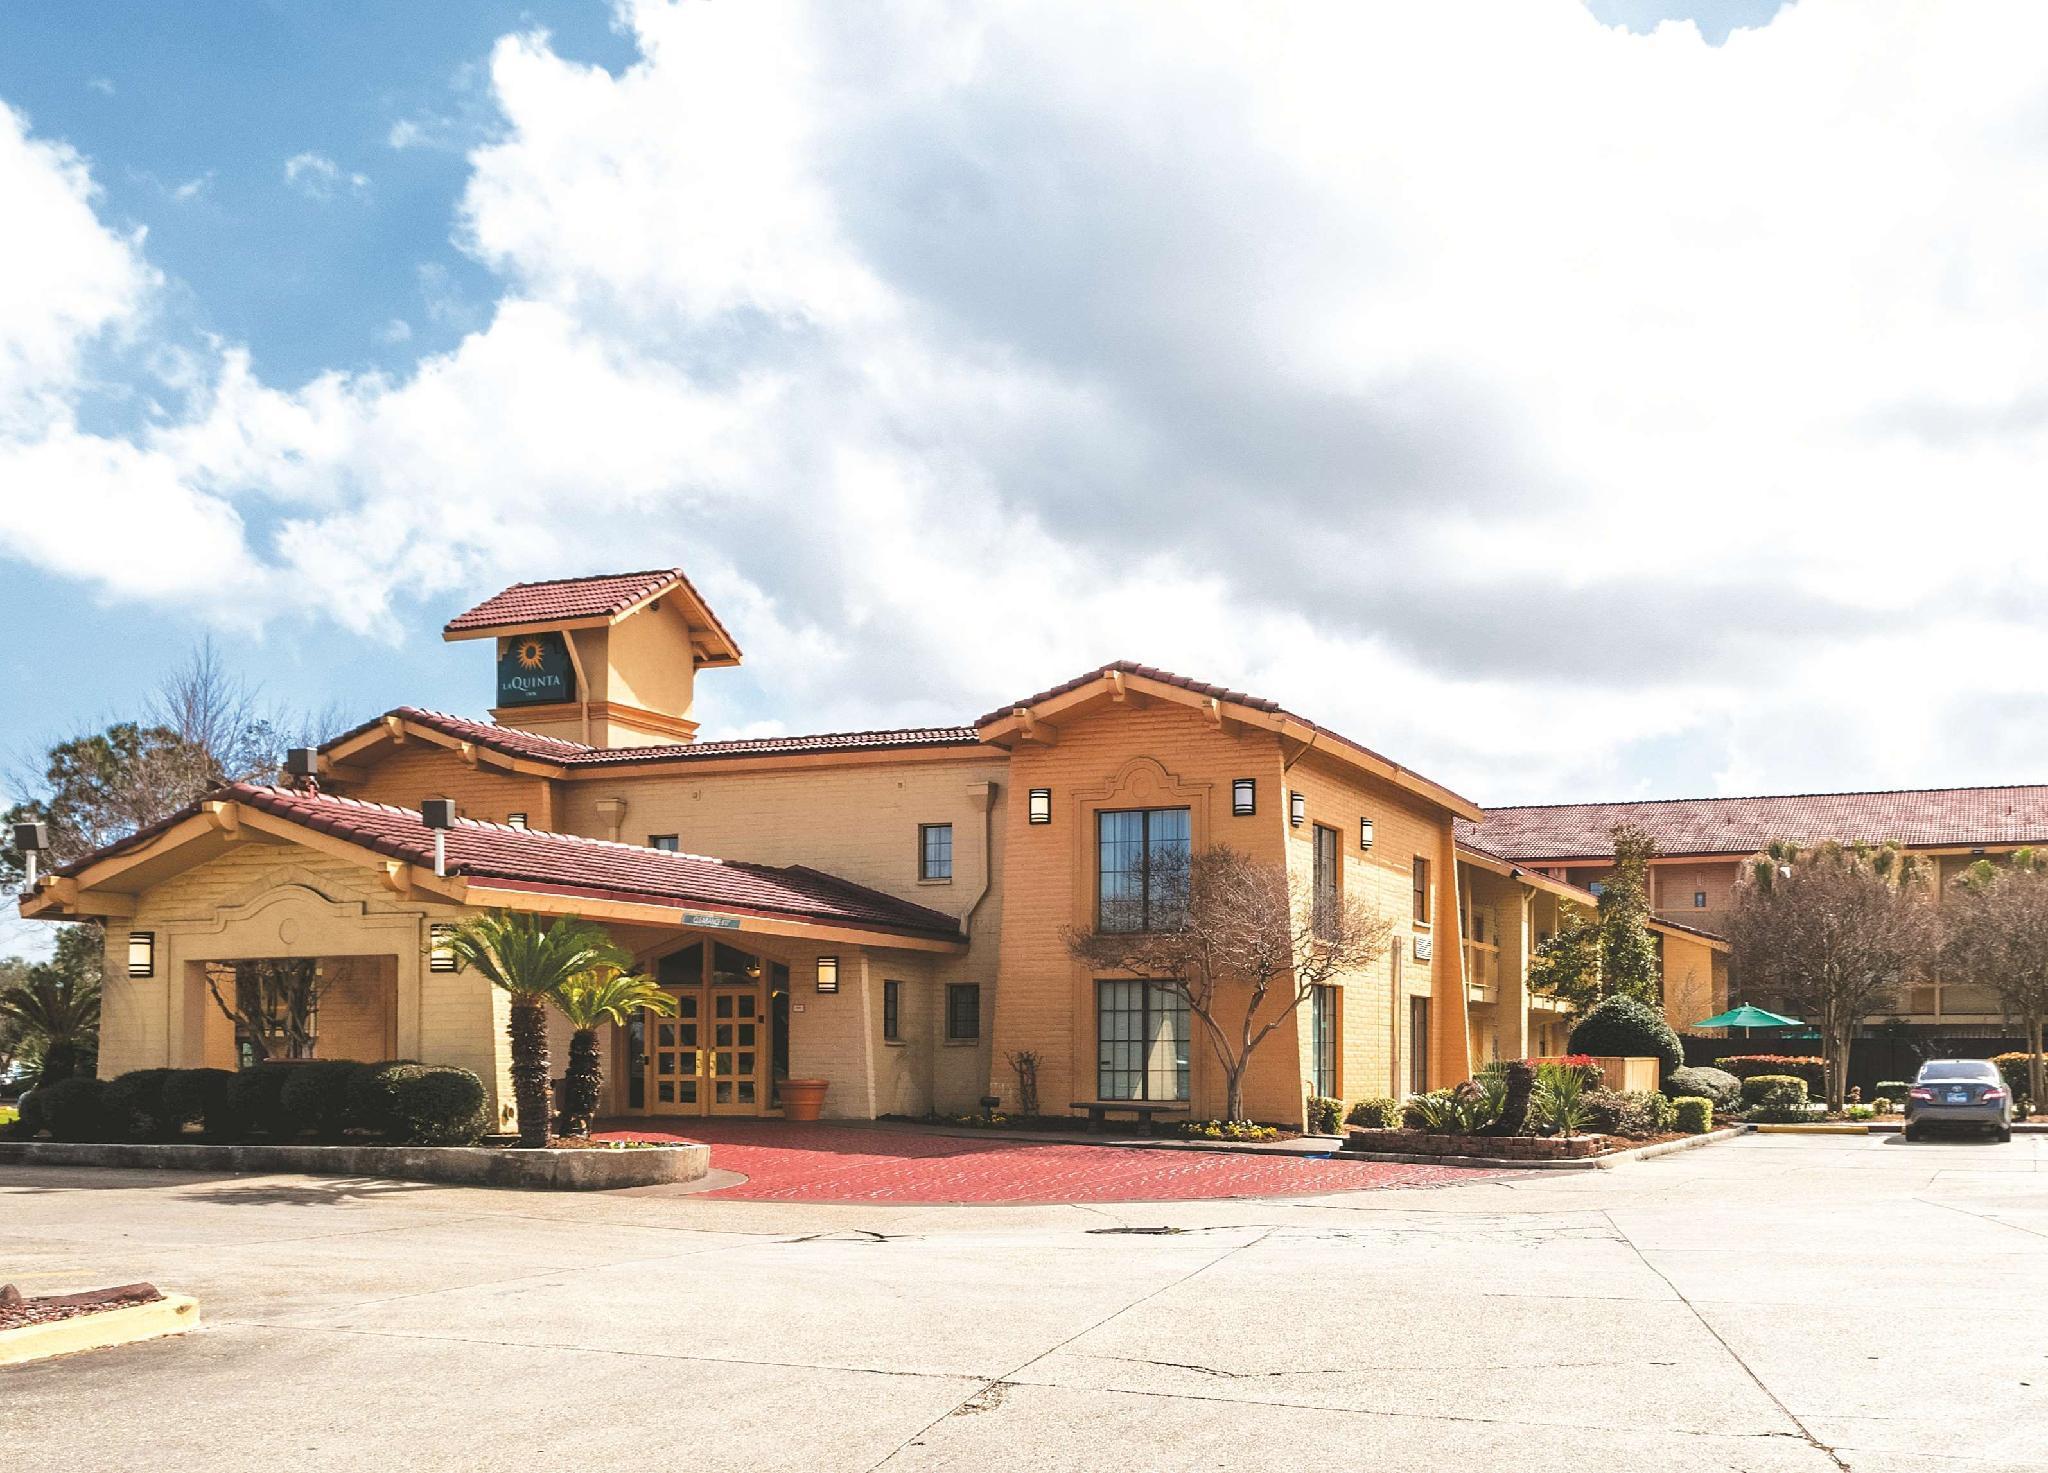 La Quinta Inn By Wyndham New Orleans West Bank   Gretna